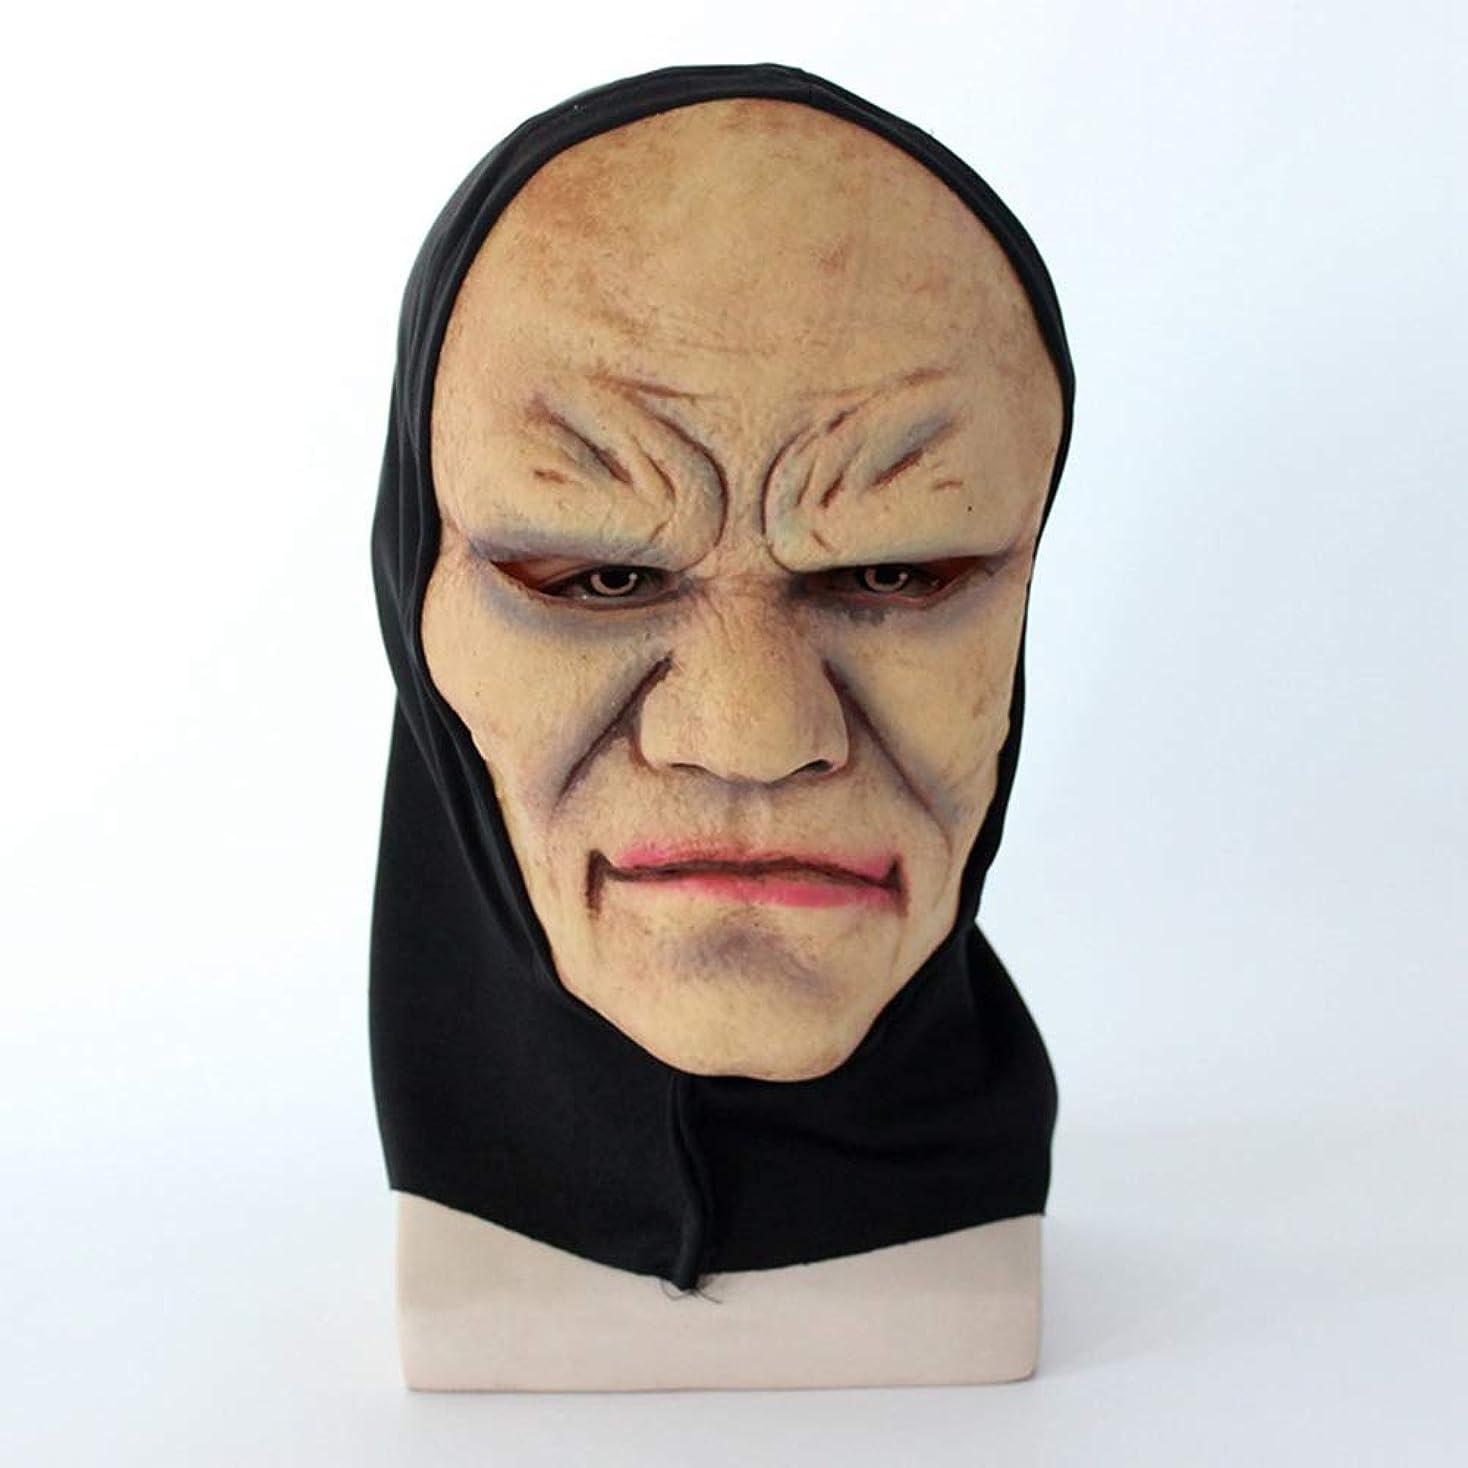 テントボウリング失望ハロウィーンホラーマスク、スピリチュアル修道女ヘッドマスク、クリエイティブ Vizard マスク、パーティー仮装ラテックスマスク